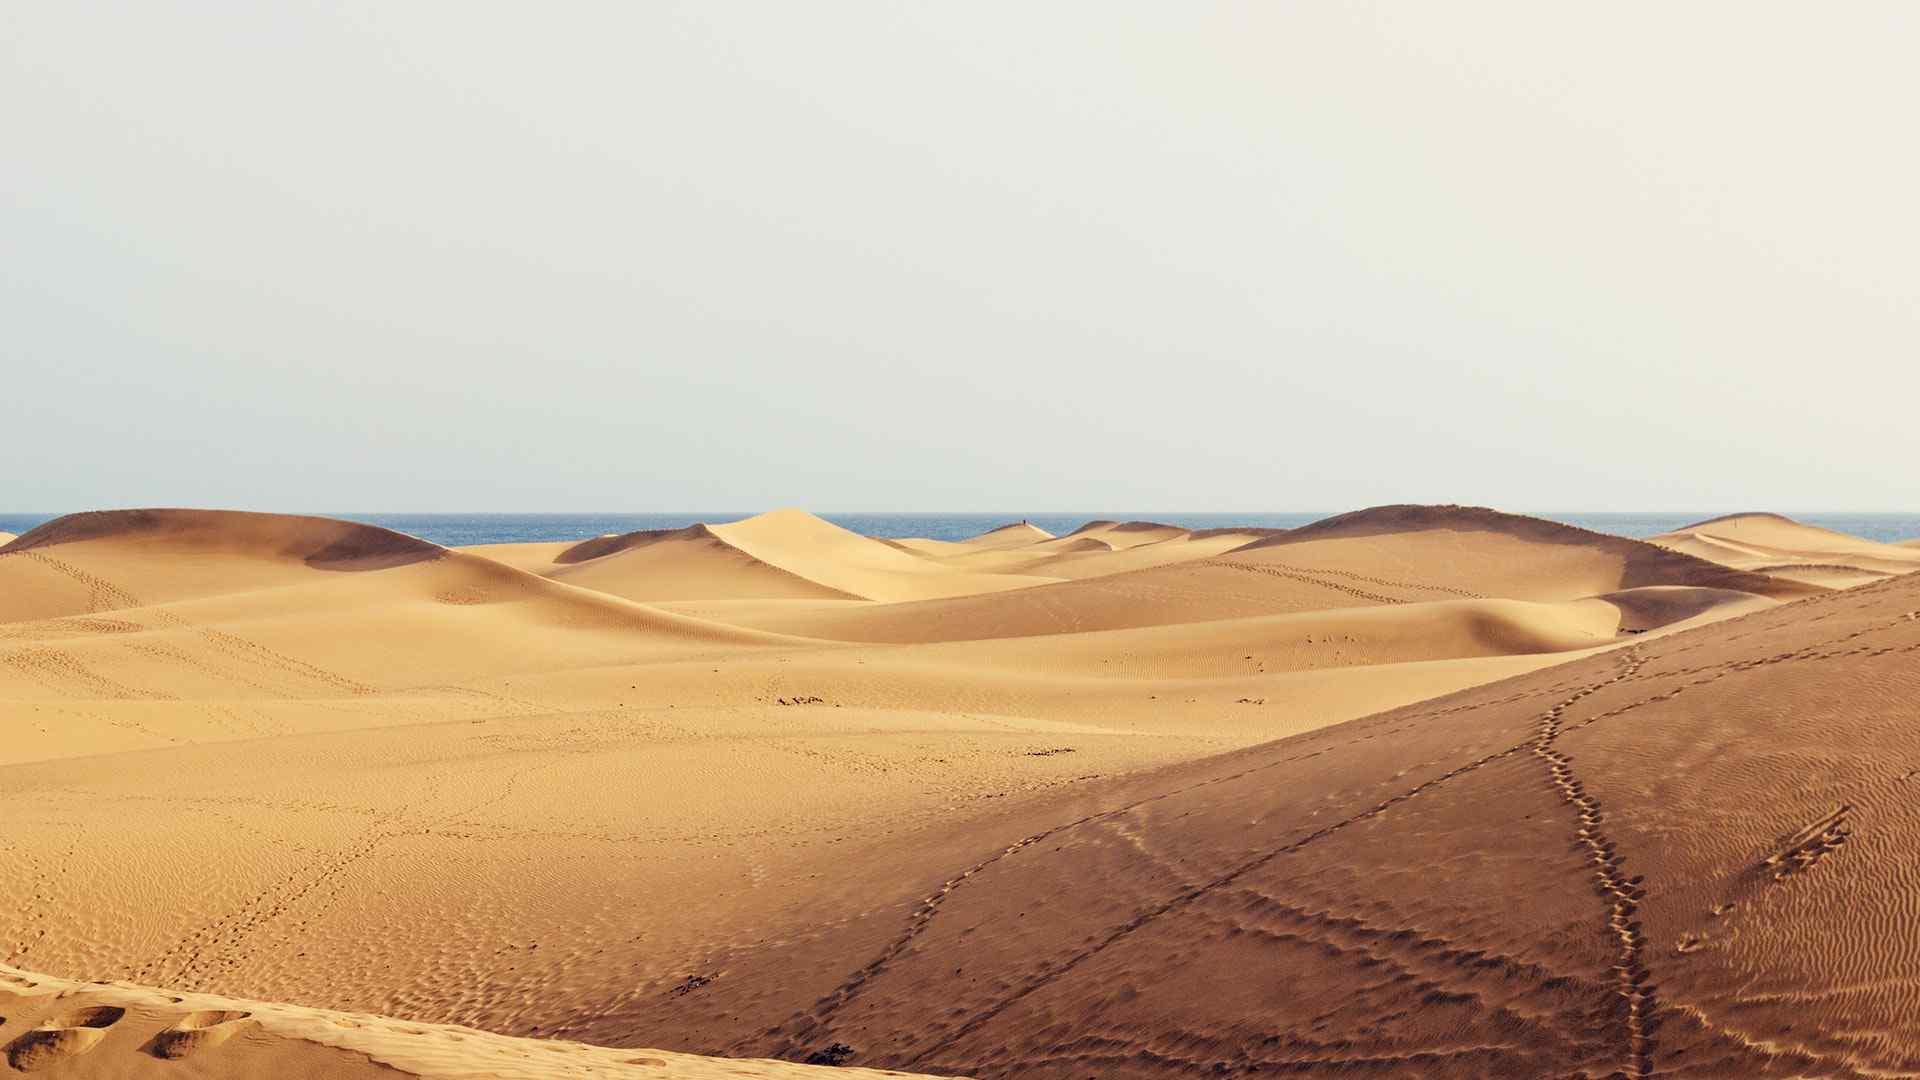 沙漠自然风光高清桌面壁纸